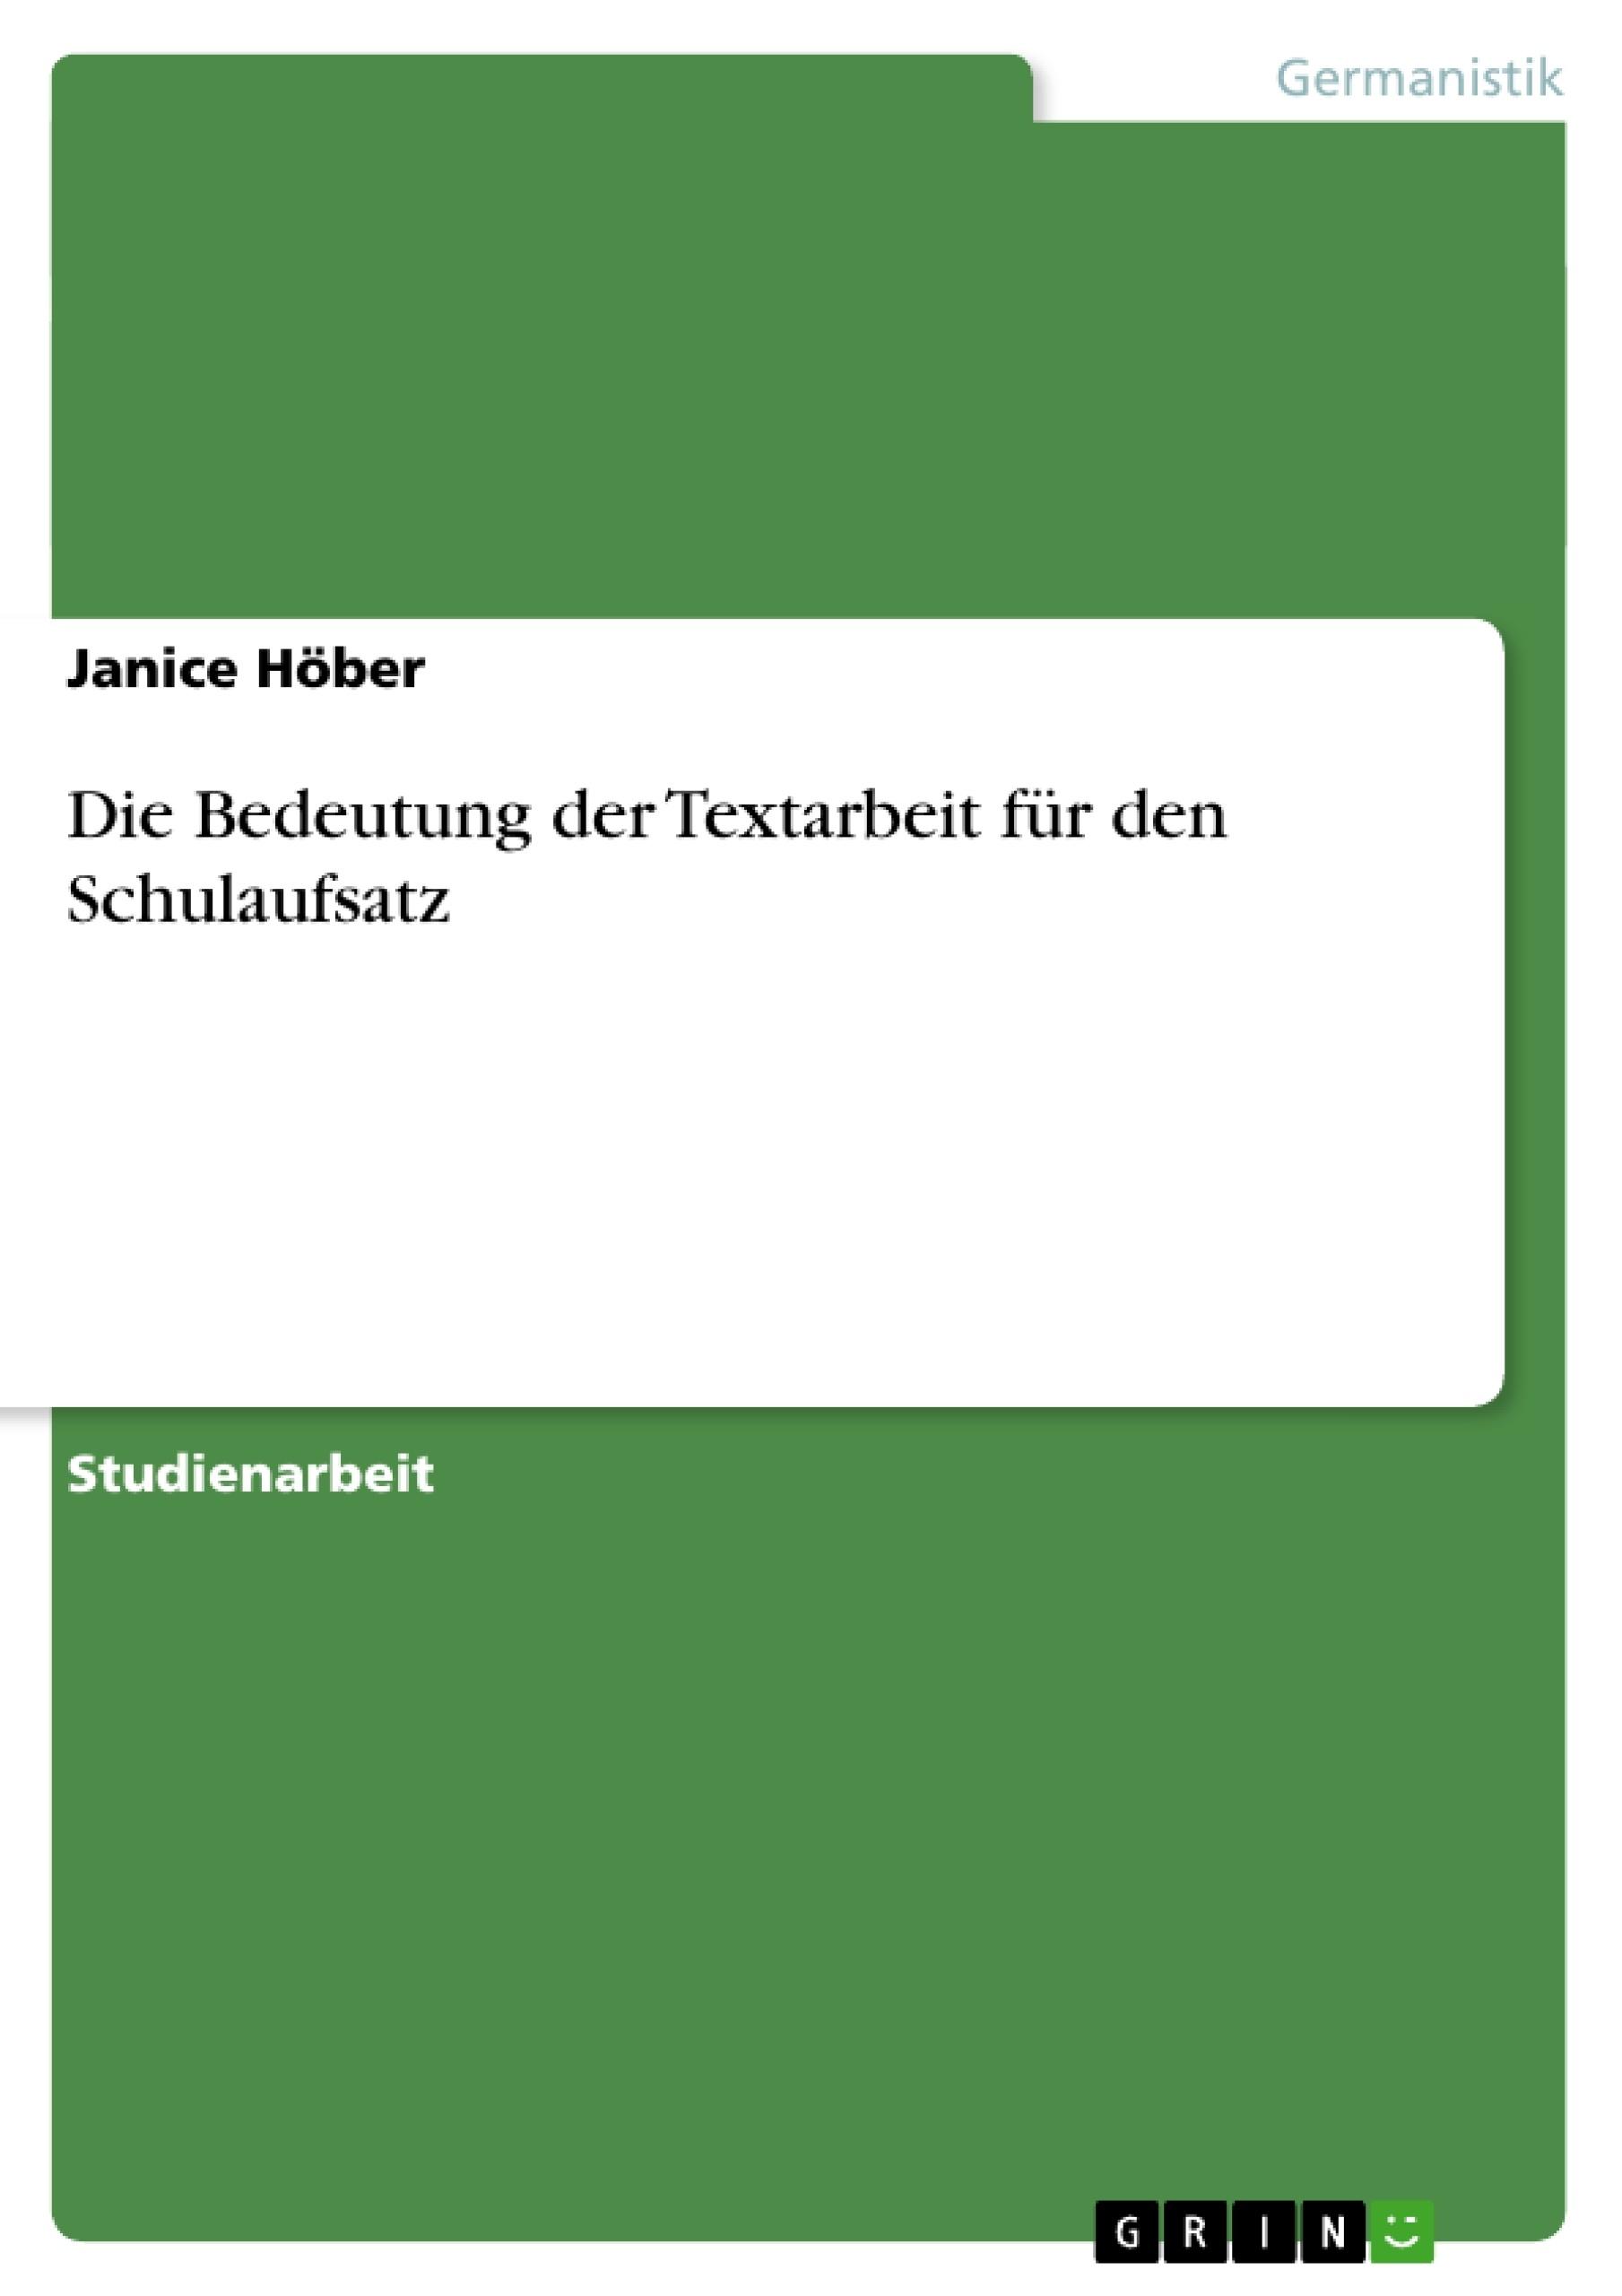 Titel: Die Bedeutung der Textarbeit für den Schulaufsatz